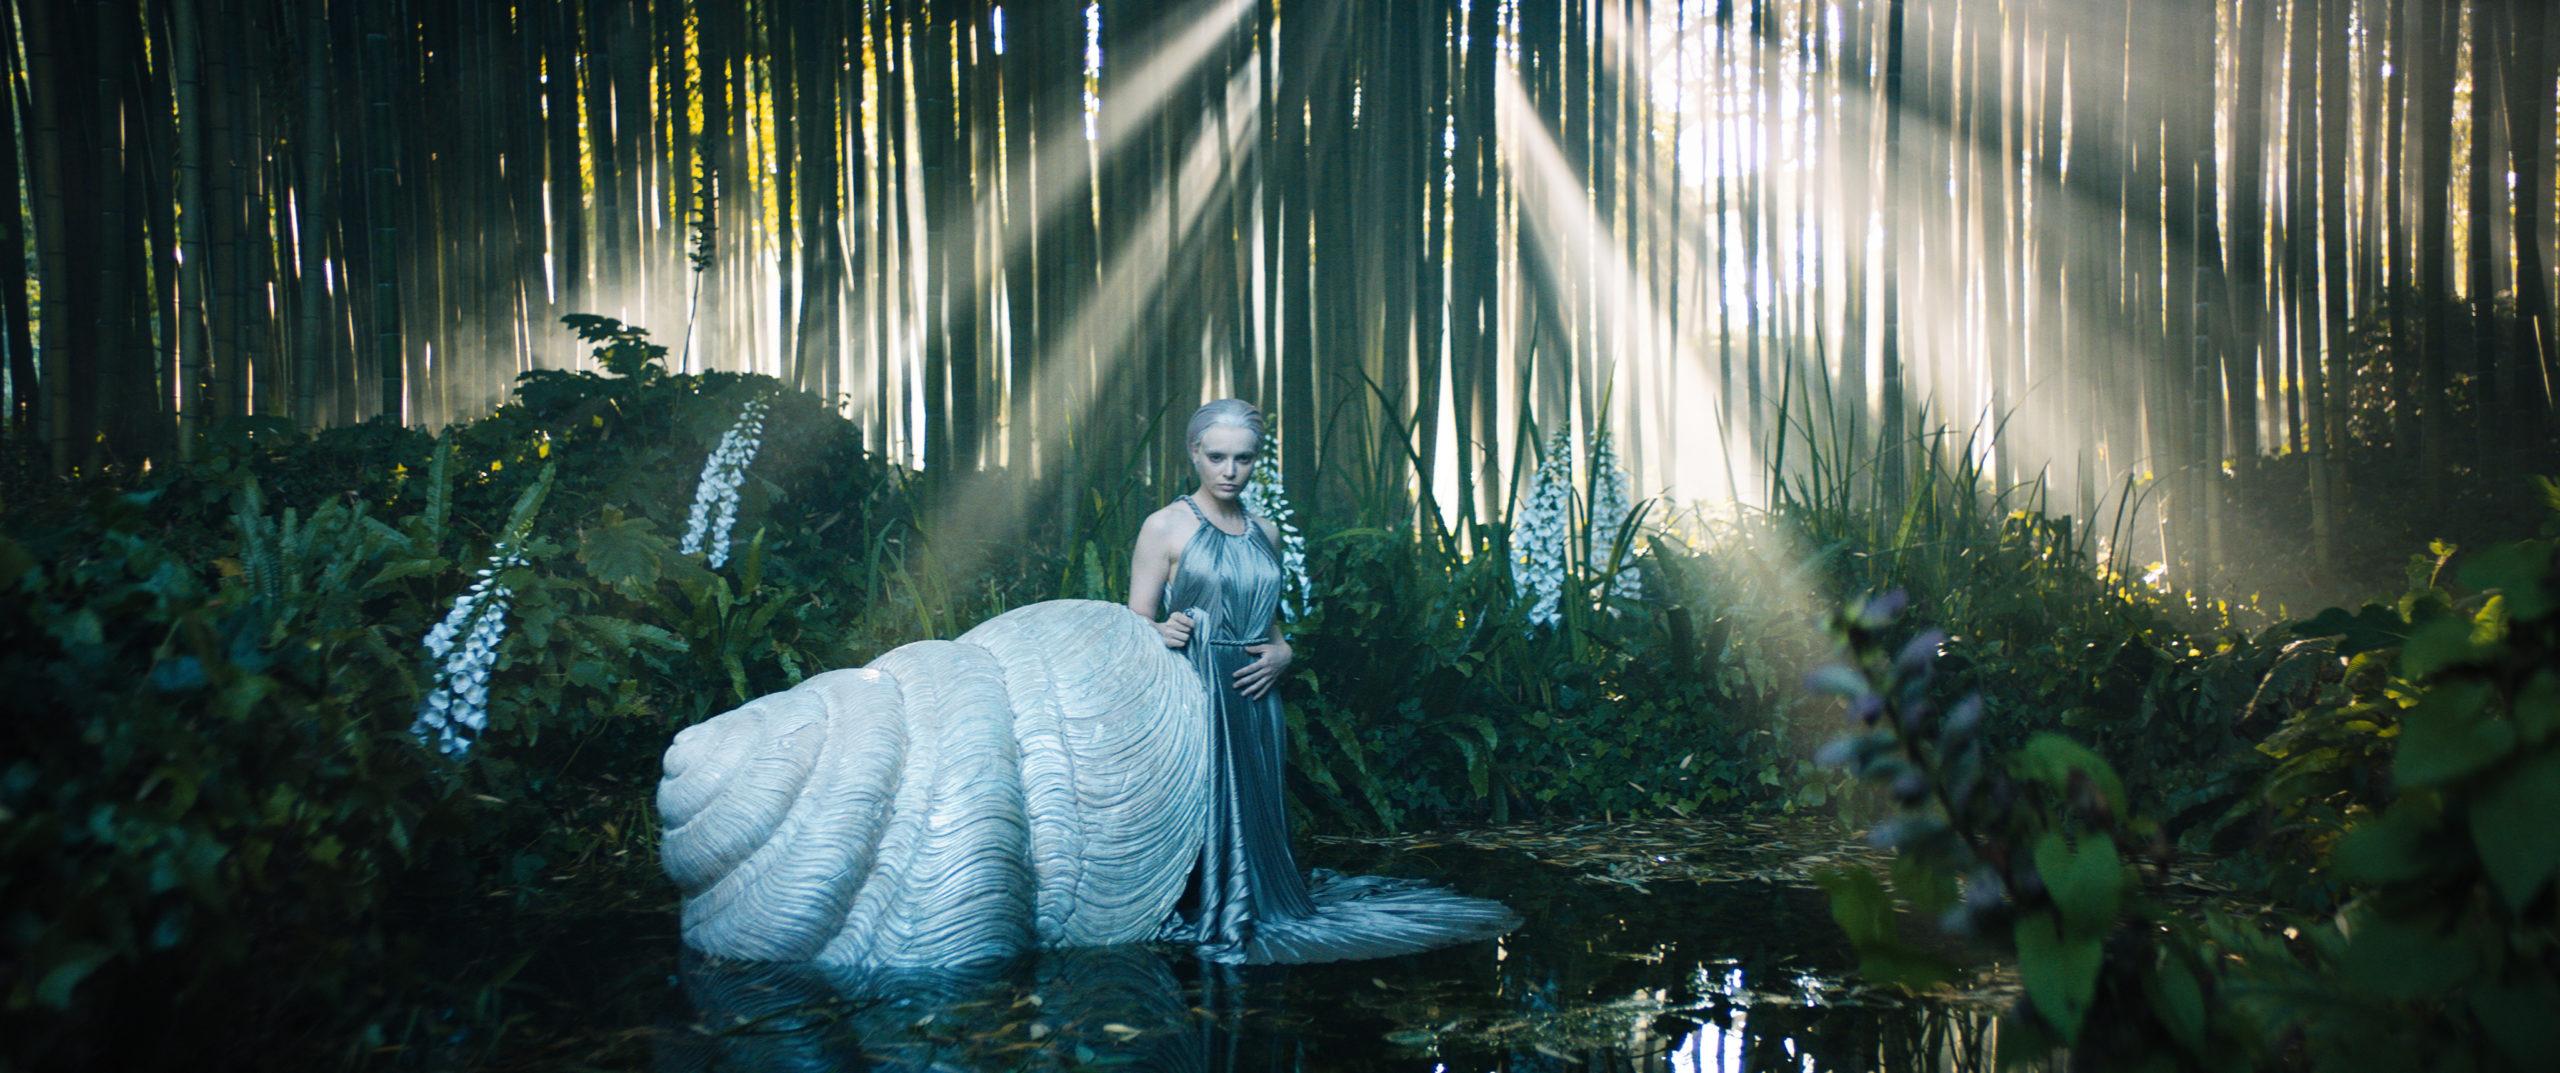 Dior Haute Couture Fall Winter 2020-21 film scenography in Perfect Wedding Magazine